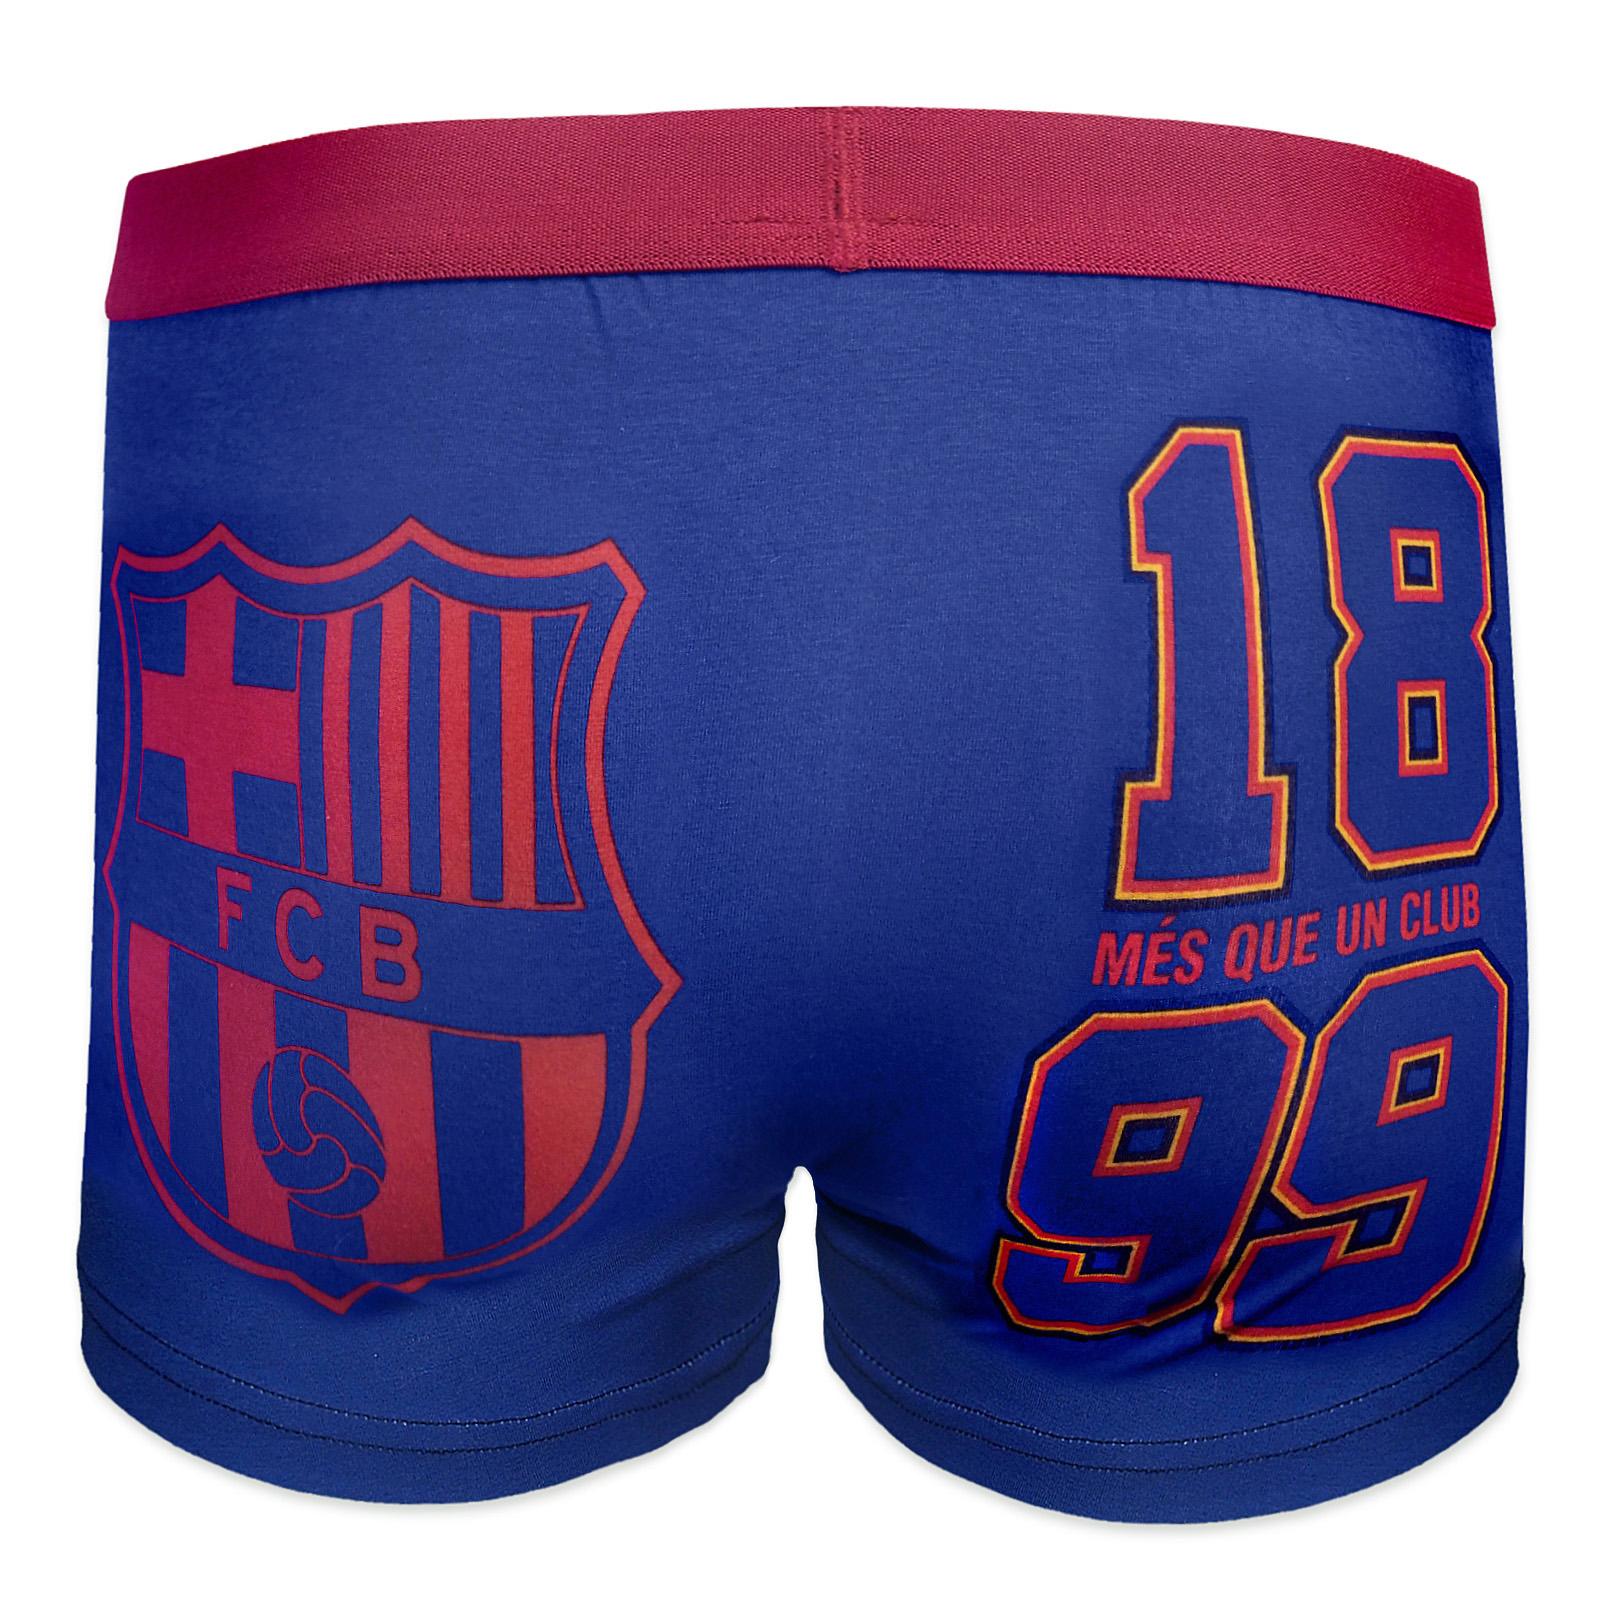 e945281dcf20e FC Barcelona - Calzoncillos oficiales tipo bóxer - Para niños - Con ...